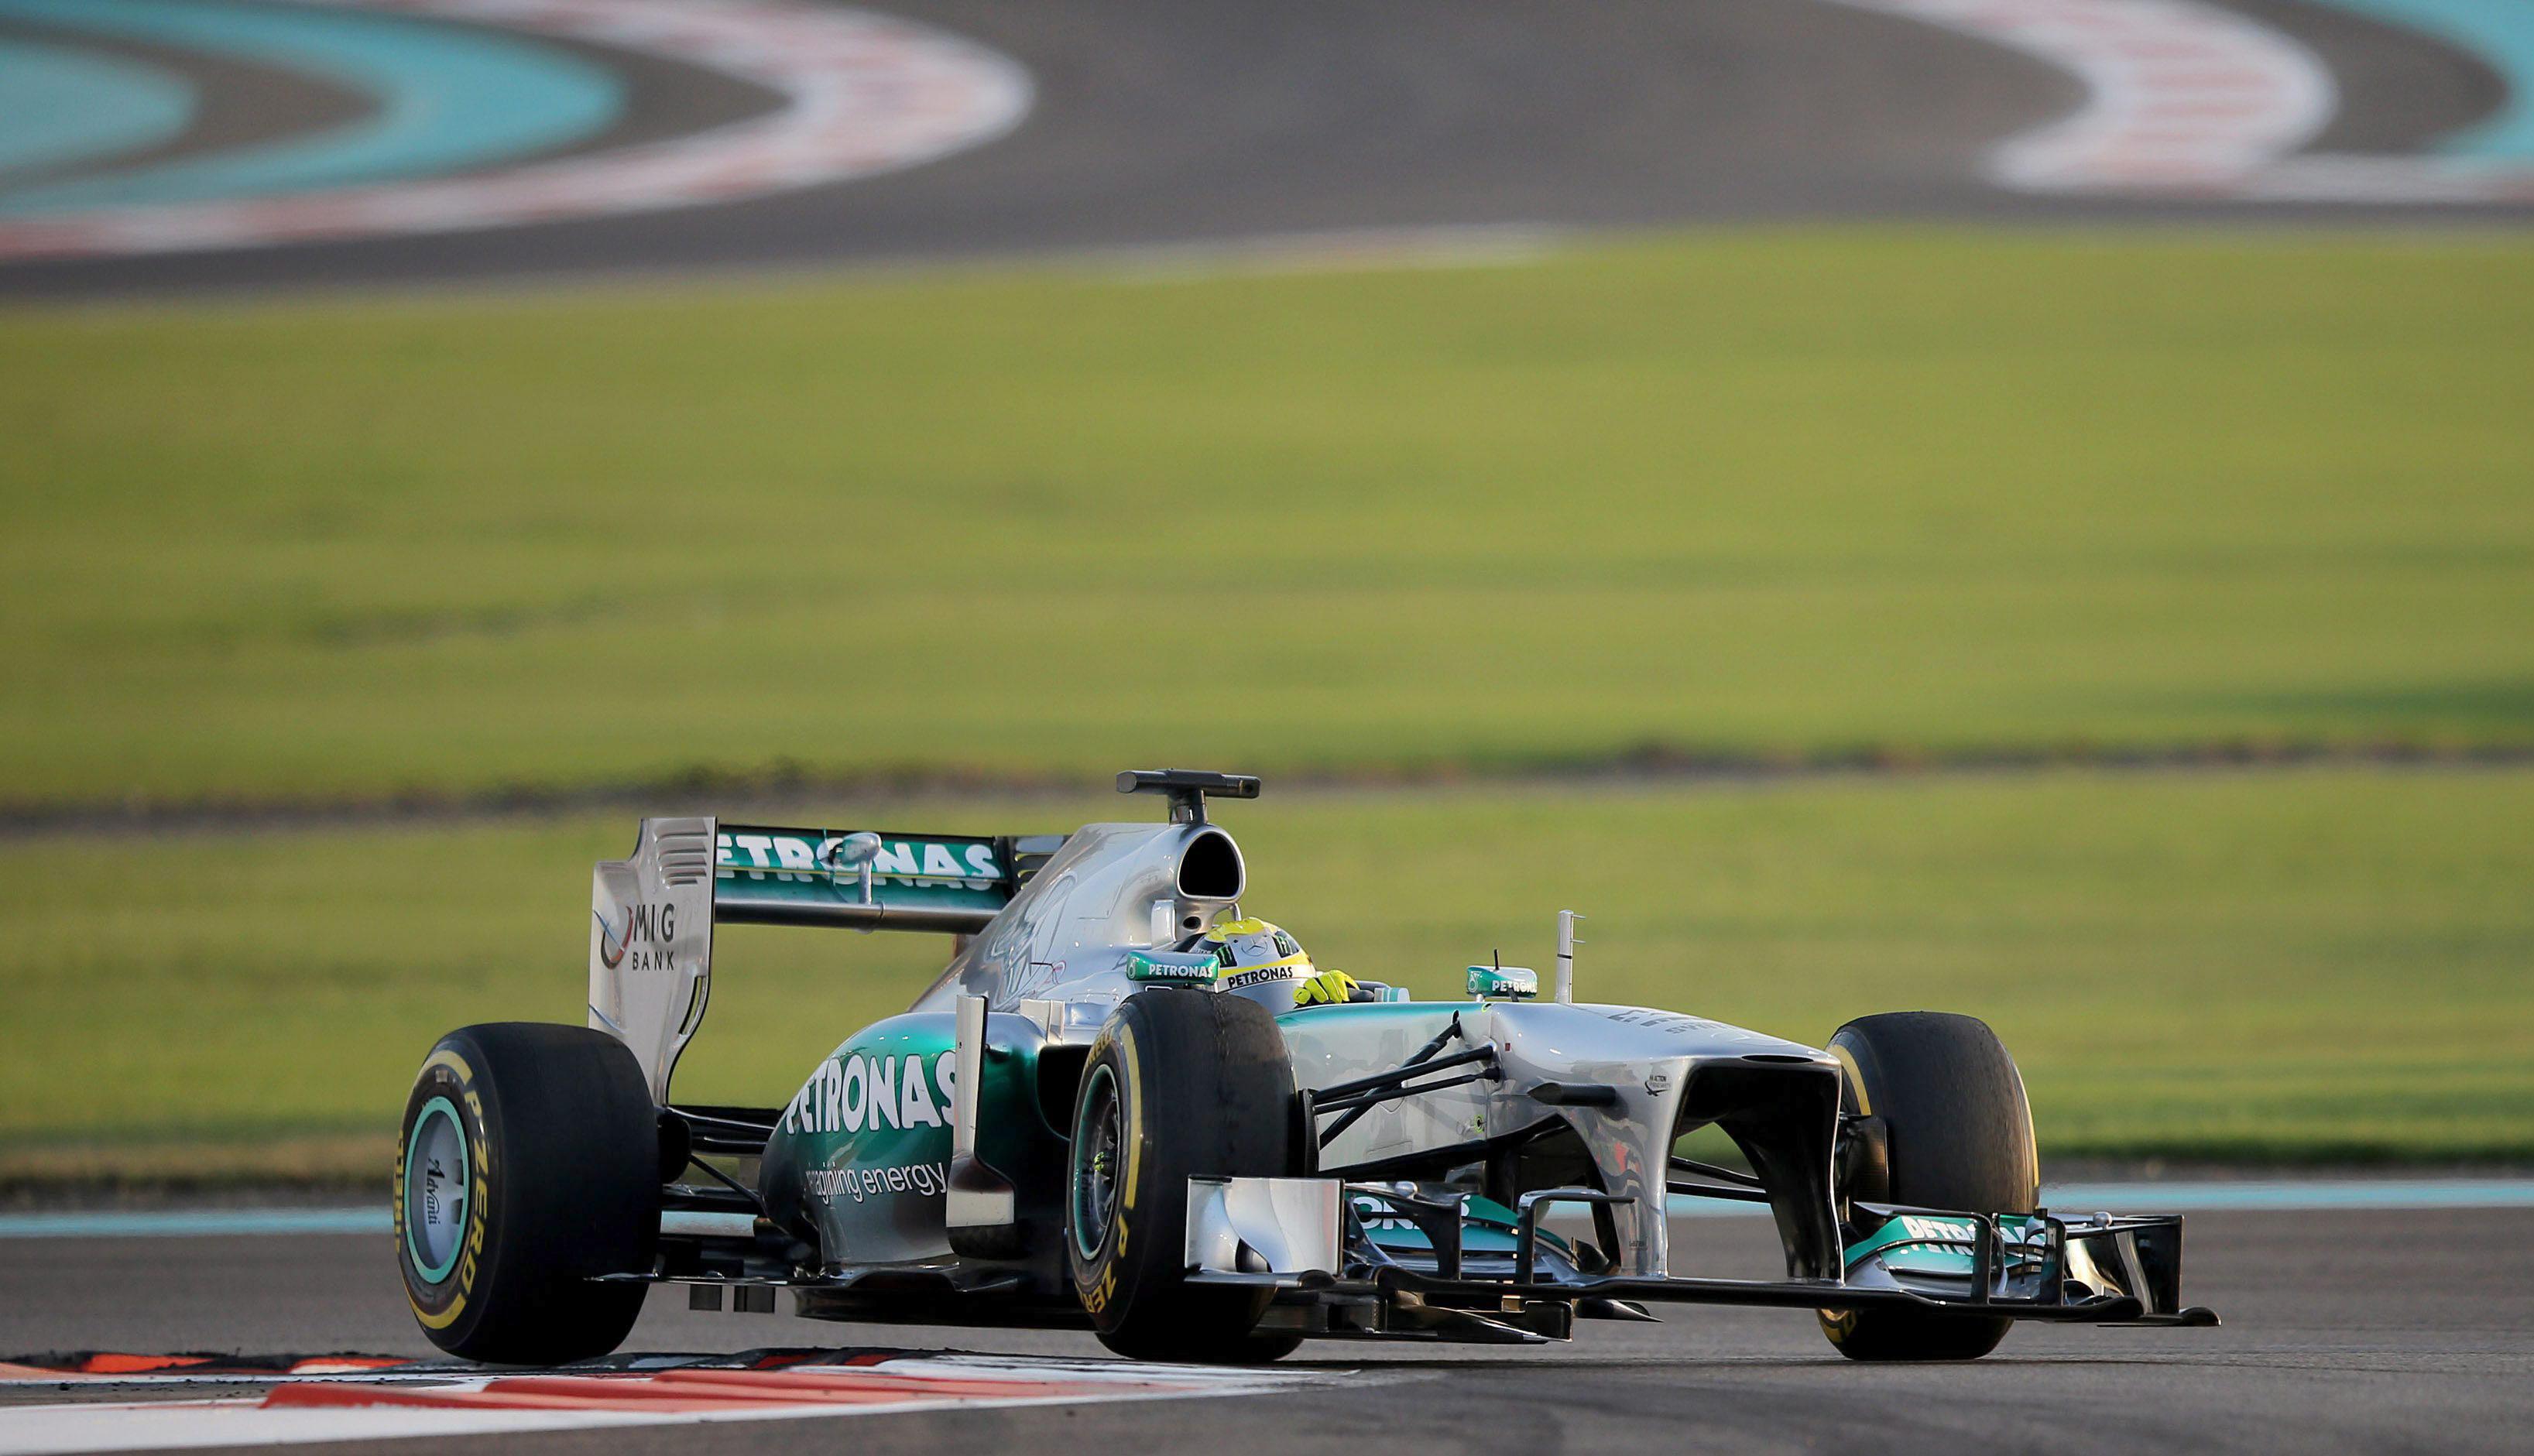 Mercedes abandona los test tras el reventón de Rosberg a 320 km/h